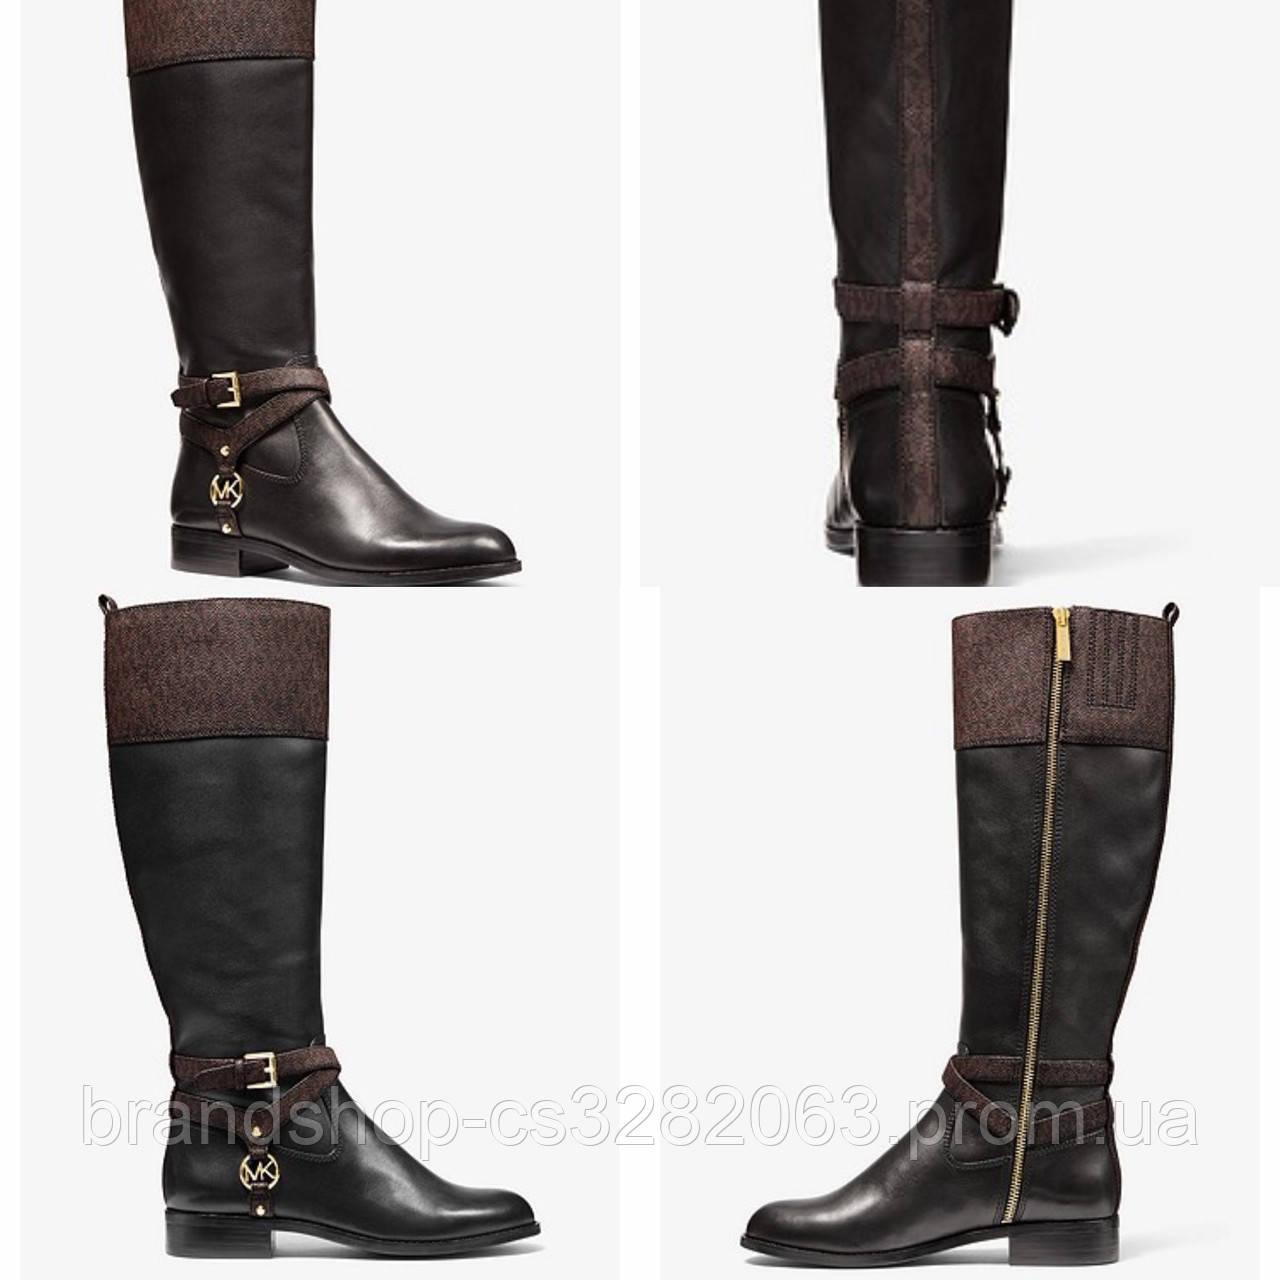 Чоботи жіночі Michael Kors Preston two-tone boot